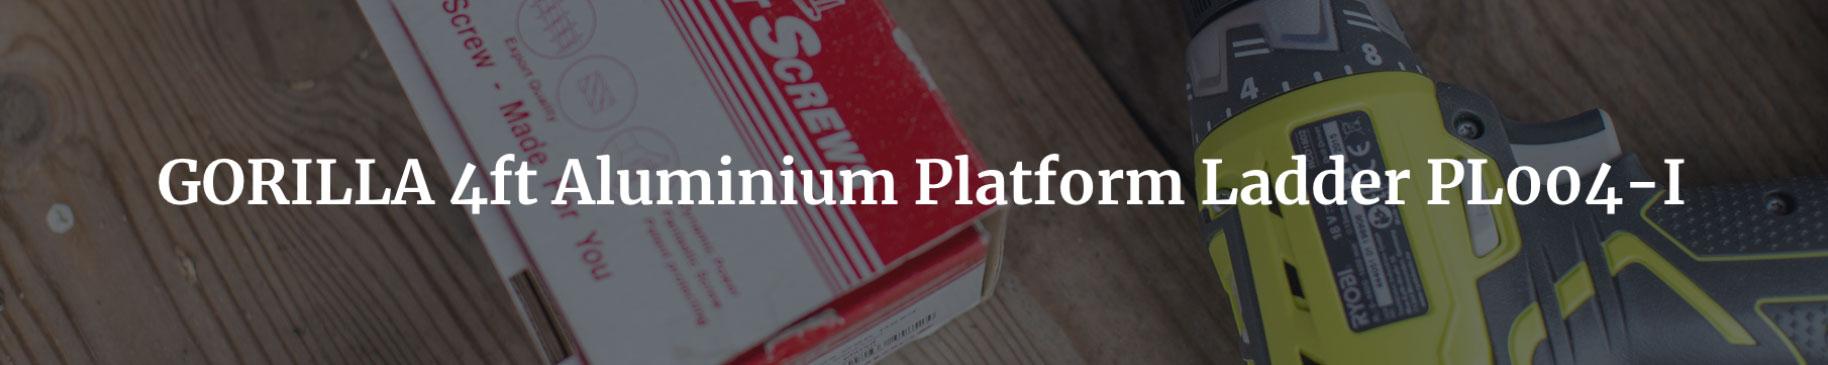 Gorilla 4ft Aluminium Platform Ladder Pl004 I